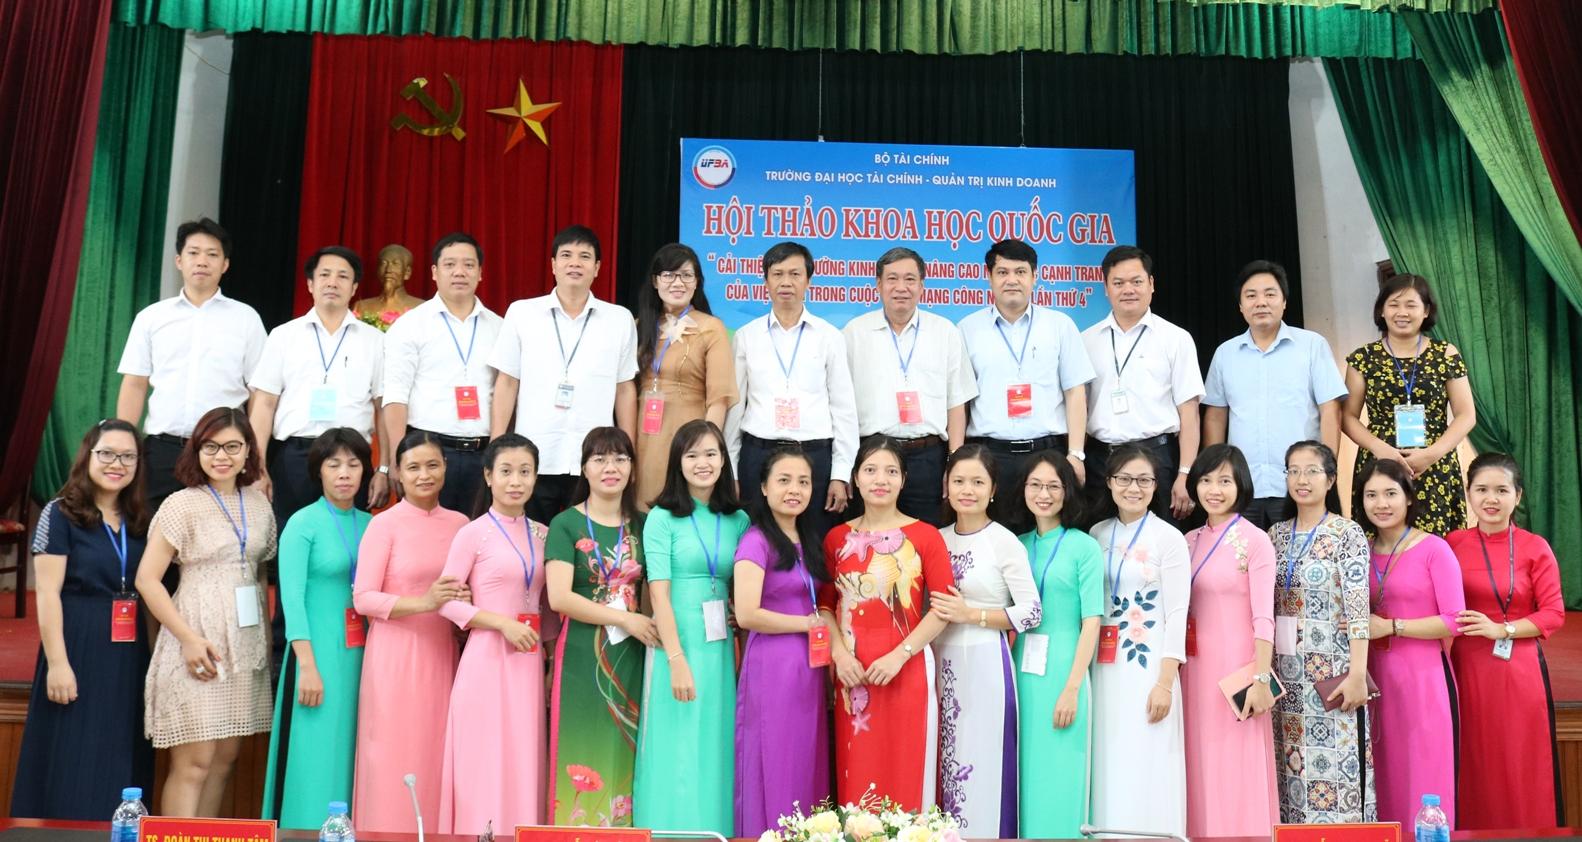 """Hội thảo Khoa học Quốc gia: """" Cải thiện môi trường kinh doanh, nâng cao năng lực cạnh tranh của Việt Nam trong cuộc cách mạng công nghiệp lần thứ 4"""""""